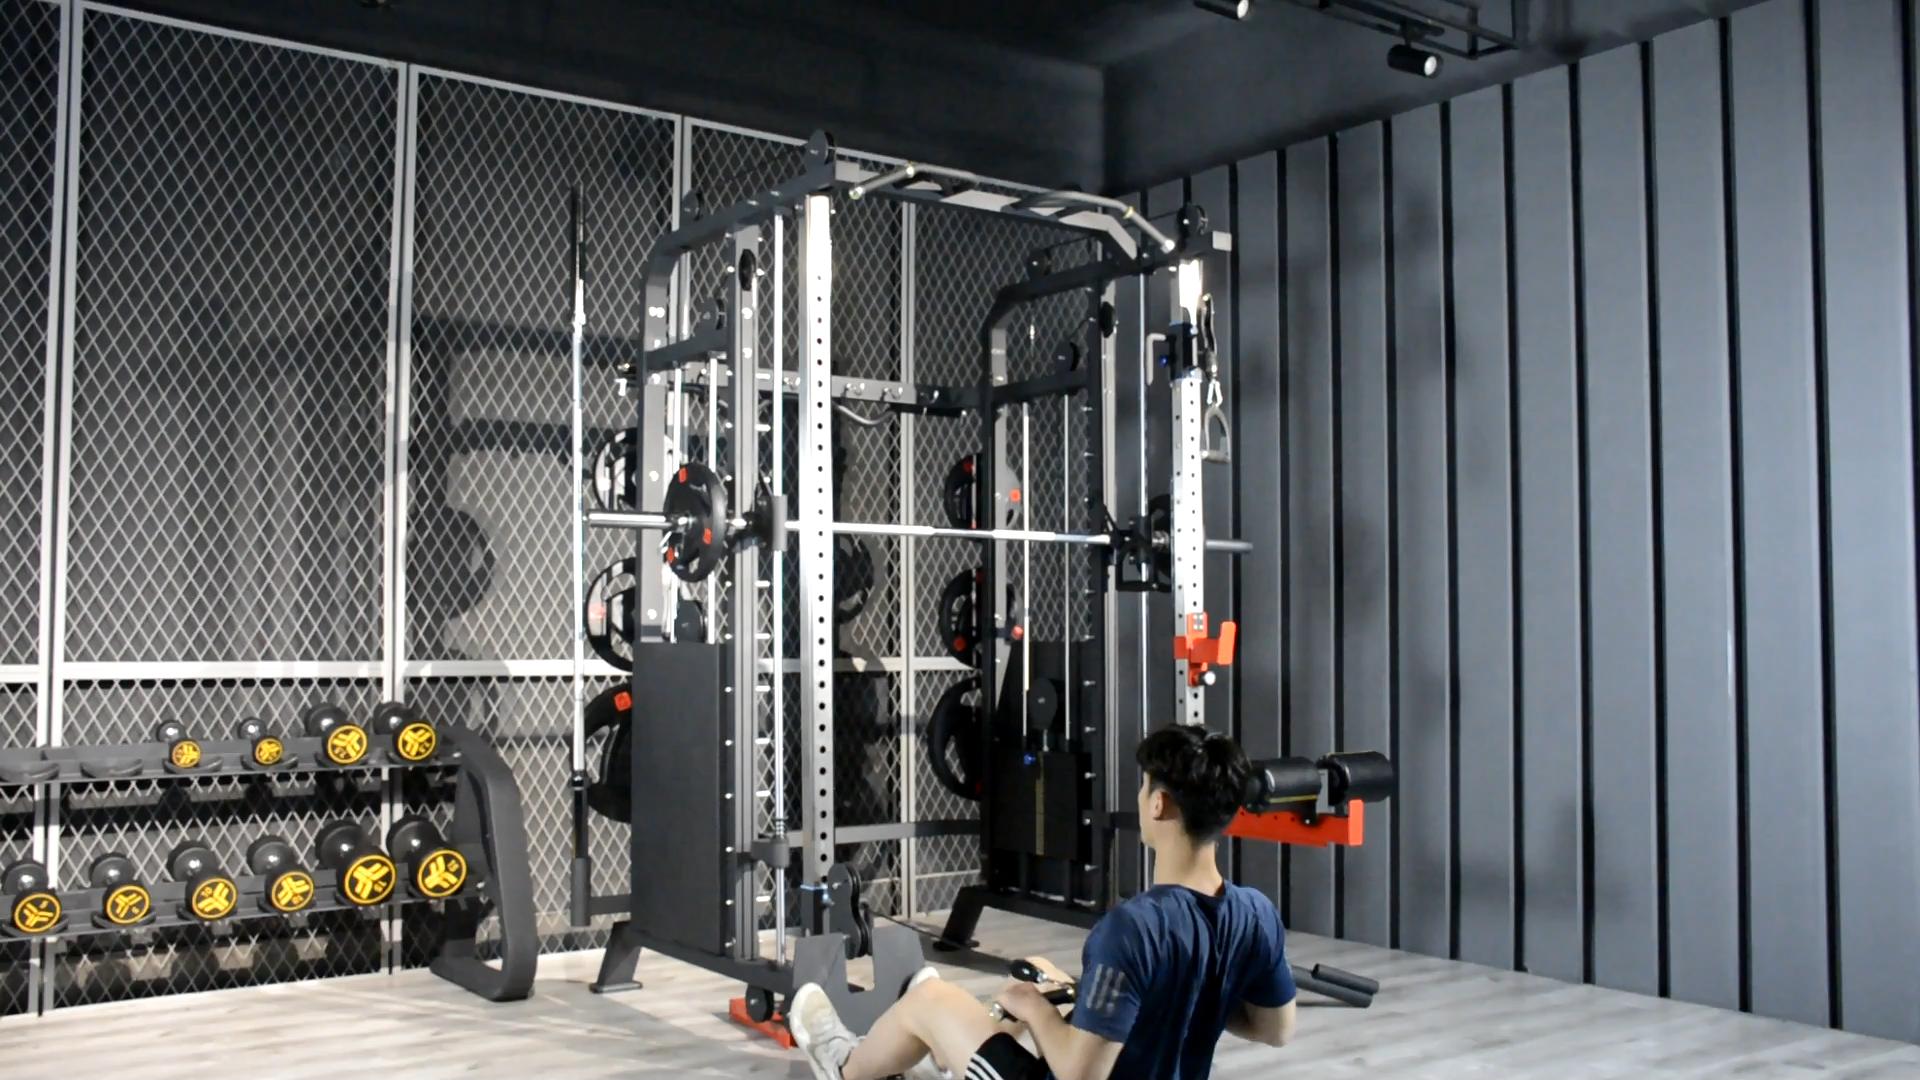 2020 שימוש ביתי מכירה לוהטת מפעל אספקת פונקציונלי מאמן כושר סמית מכונת כושר, חדר כושר ציוד סמית מכונת